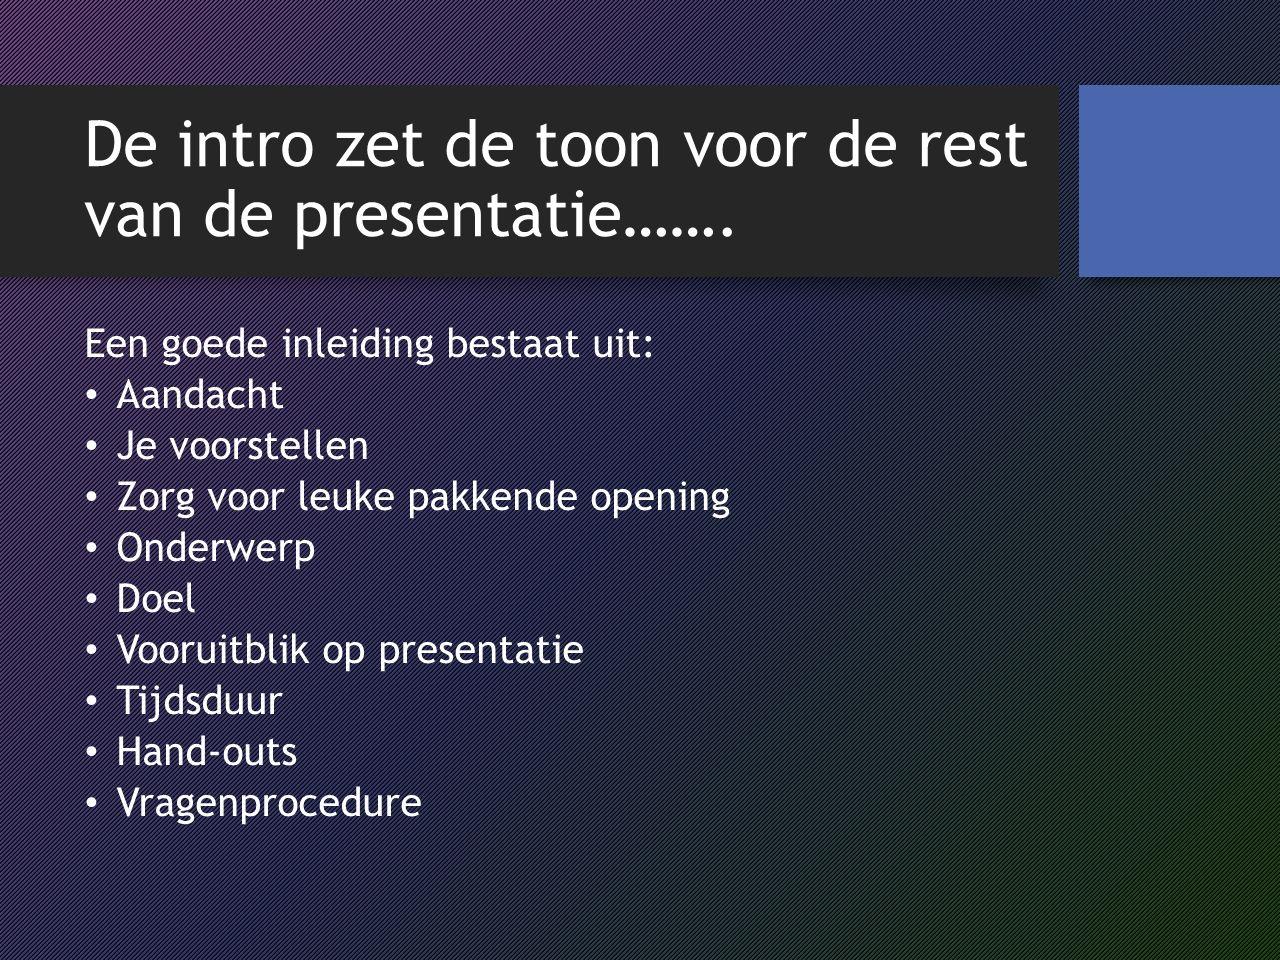 Kern presentatie Rode draad Begrijpelijk Beperk spreektijd Wijd niet uit Gebruik audiovisuele hulpmiddelen Gebruik voorbeelden/ metaforen